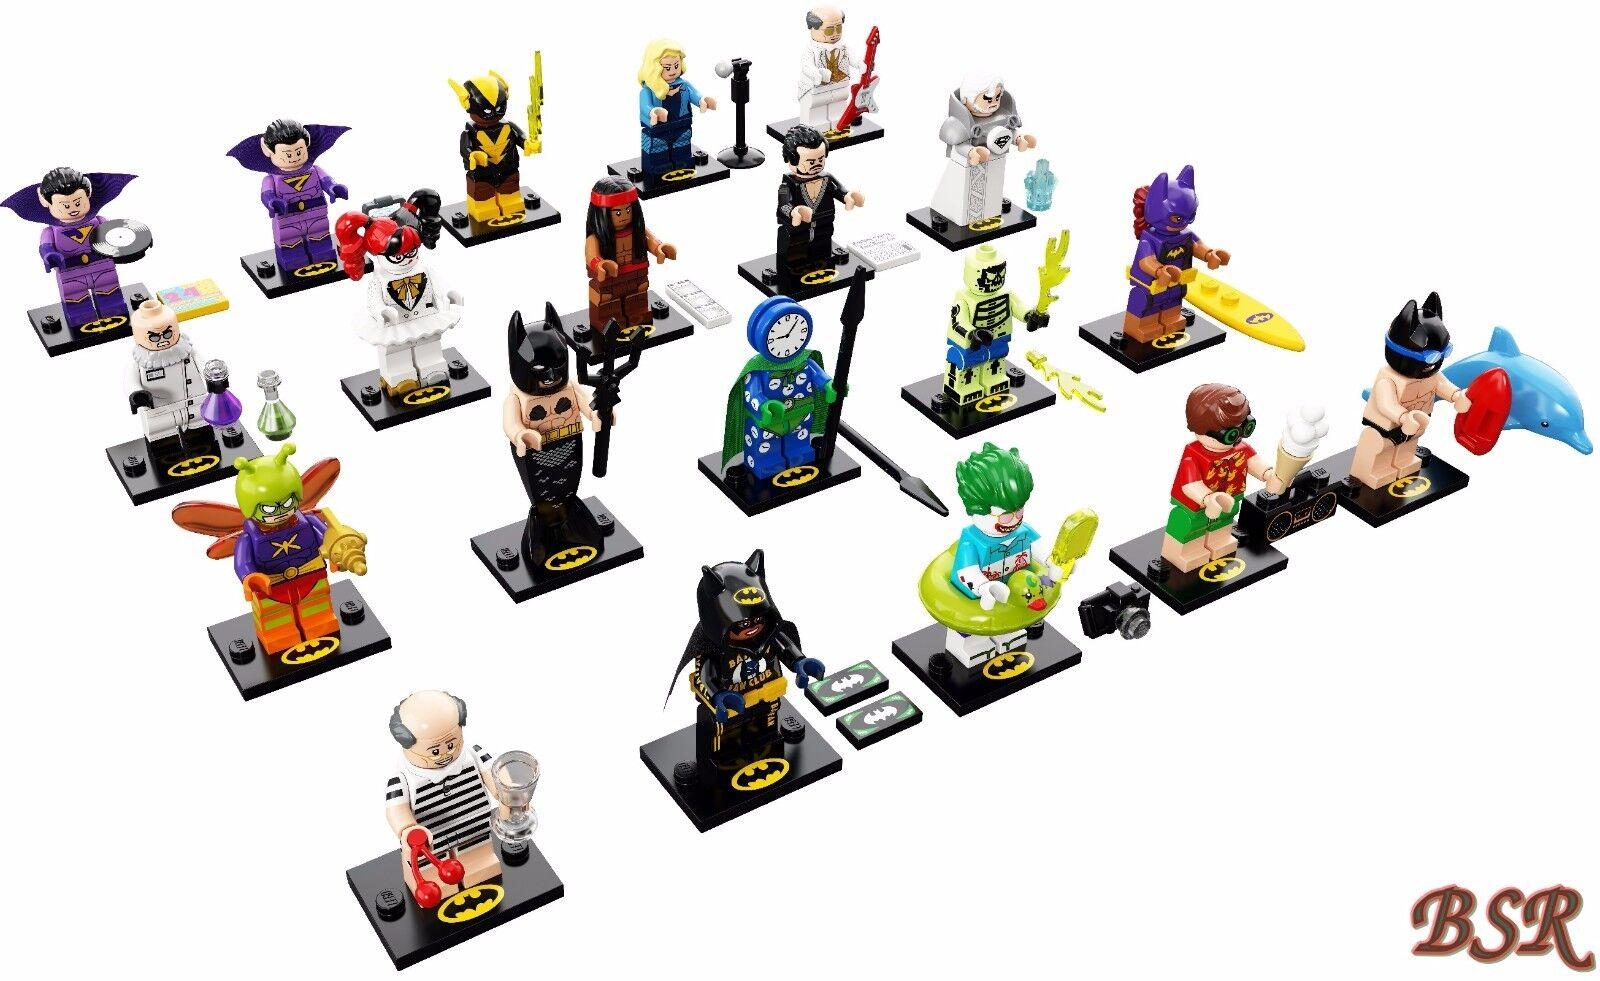 71020 LEGO ® Spécial-série the Batman Movie Série 2 tous les 20 personnages NEUF 0. - Expédition